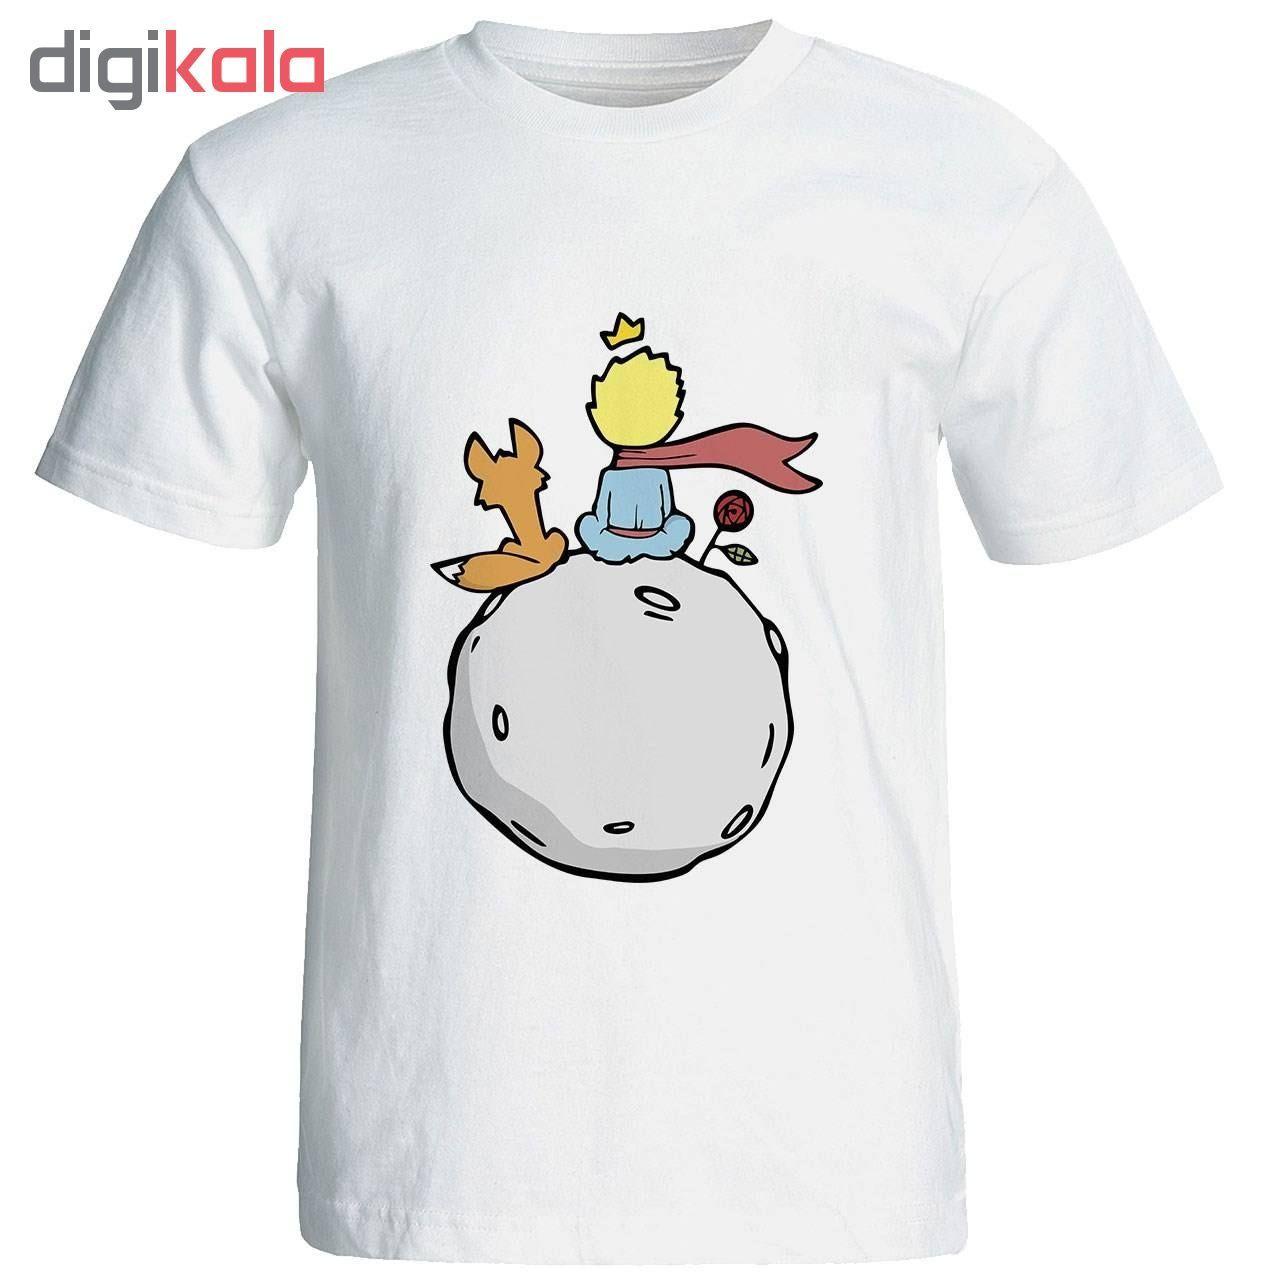 تی شرت آستین کوتاه زنانه طرح شازده کوچولو کد 4138 main 1 1